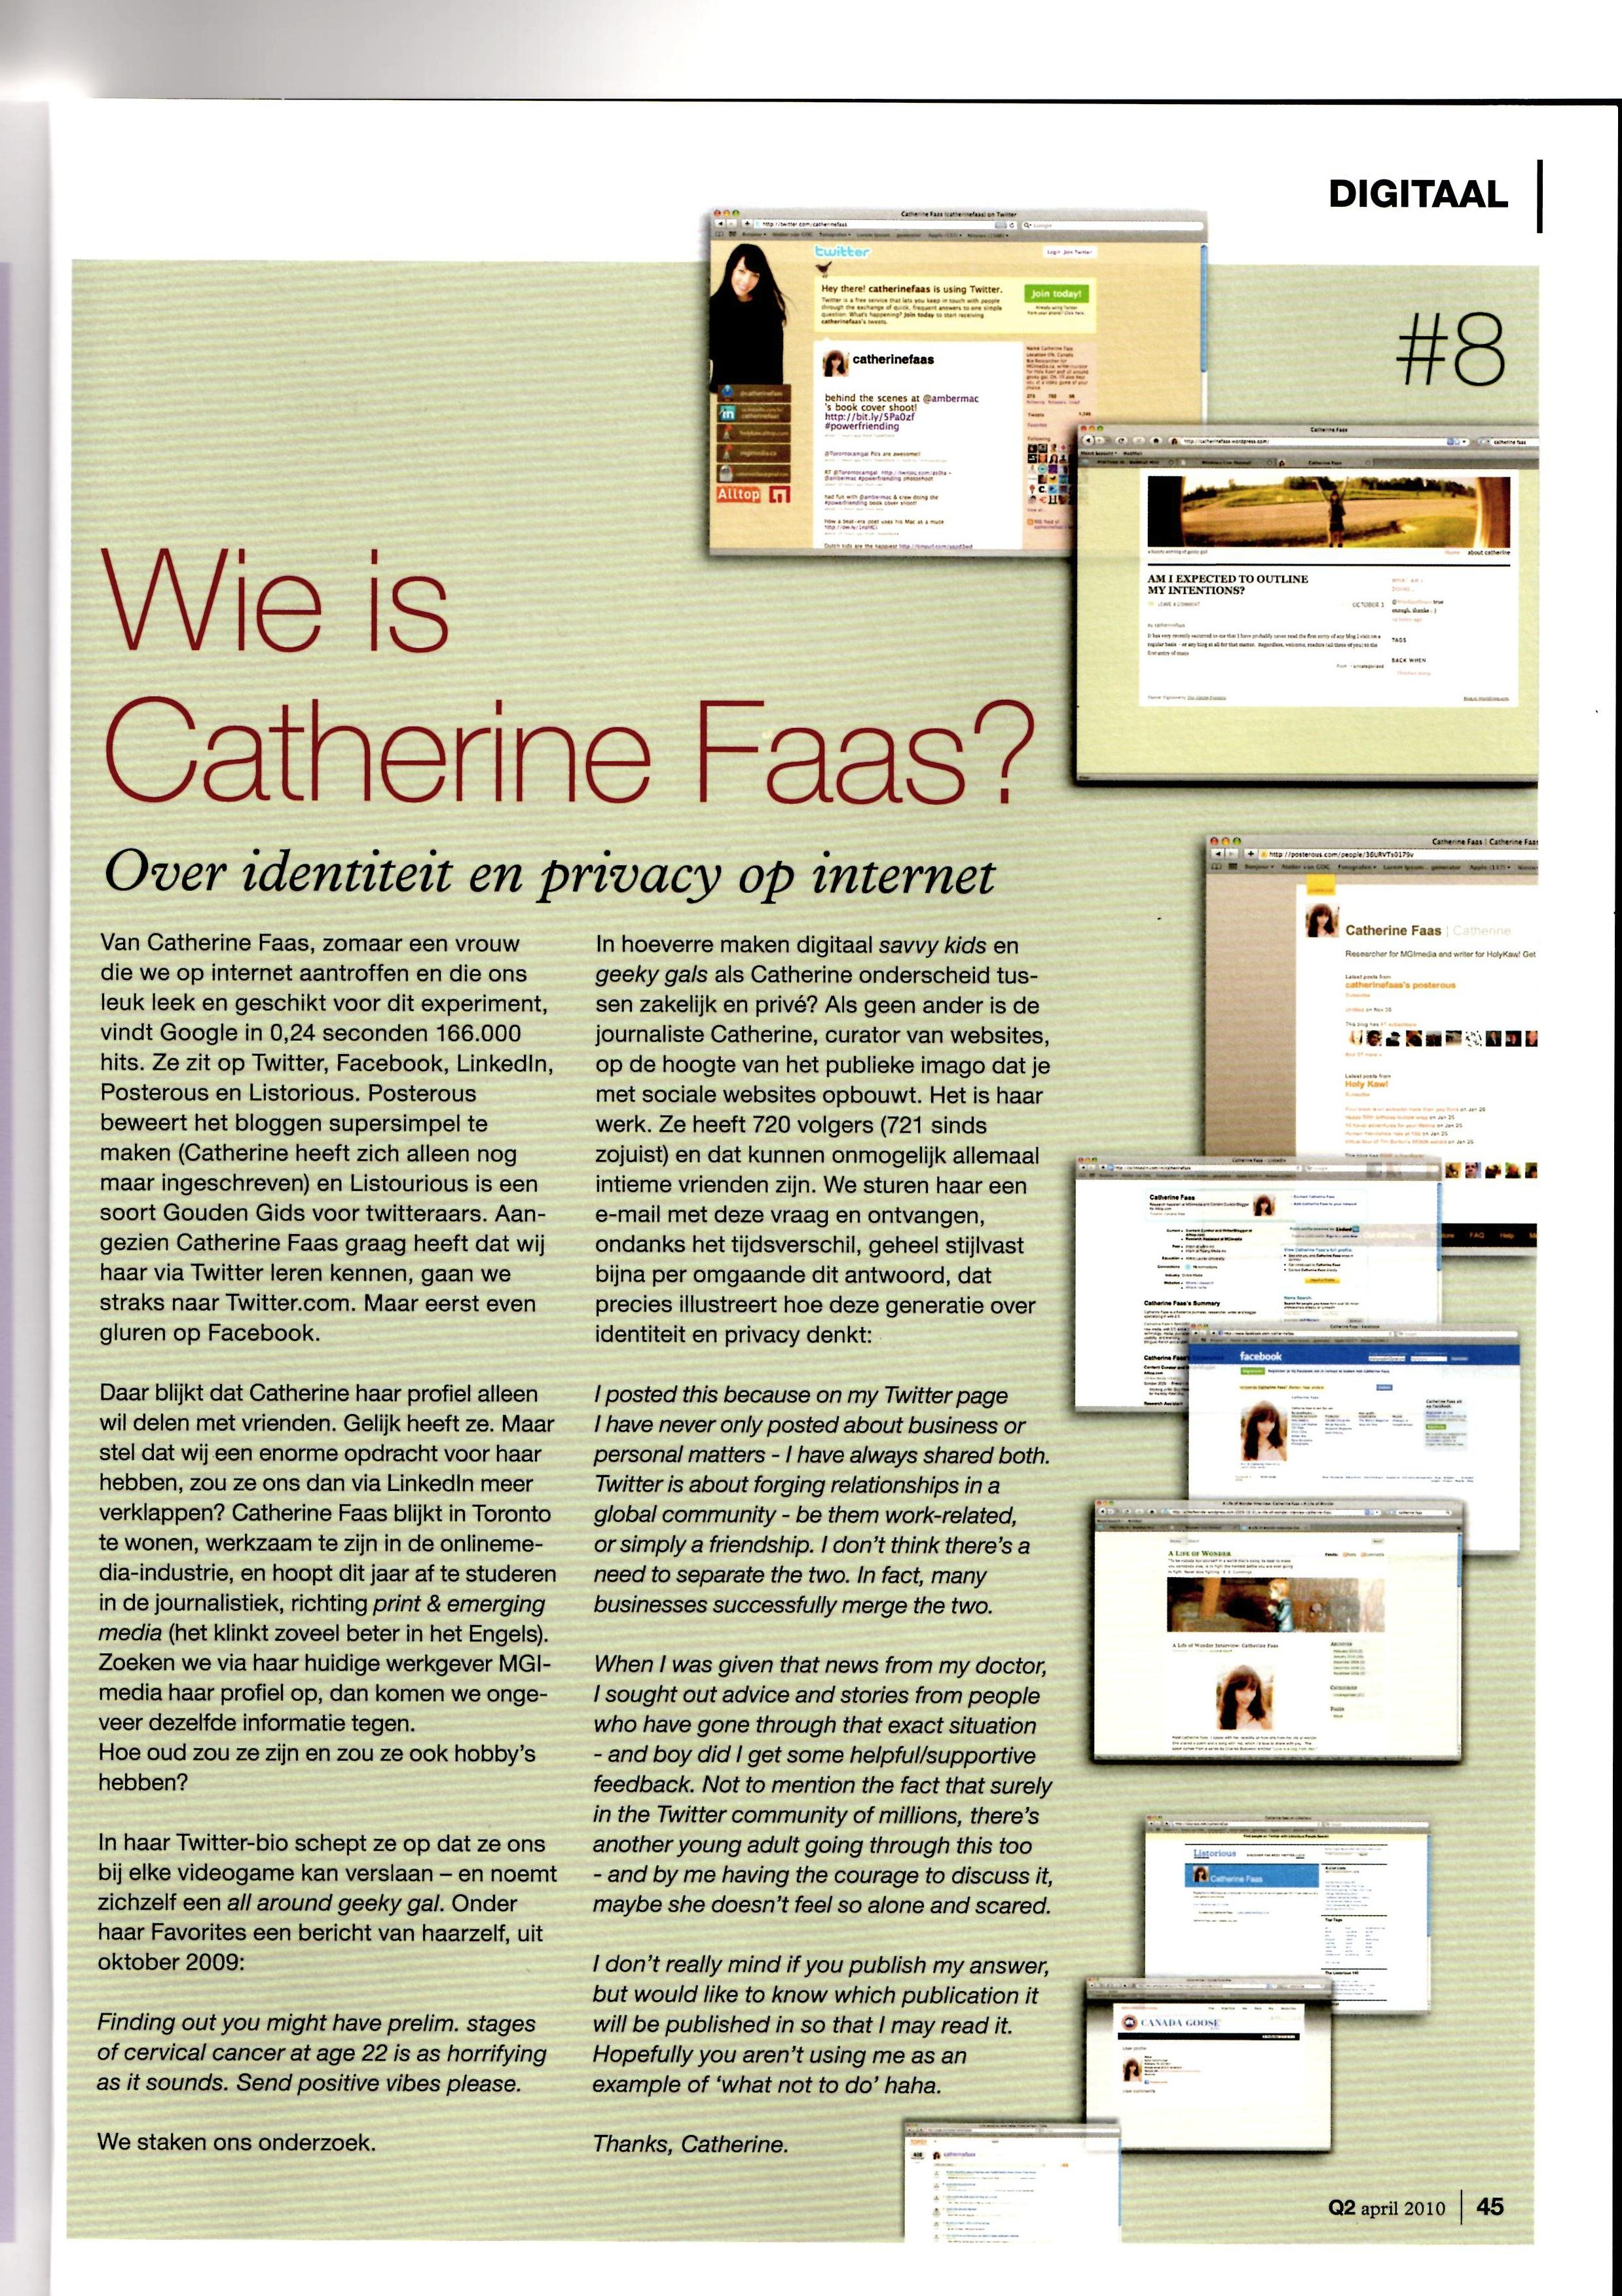 Onderzoekje naar privacy op internet (voor Delta Lloyd)